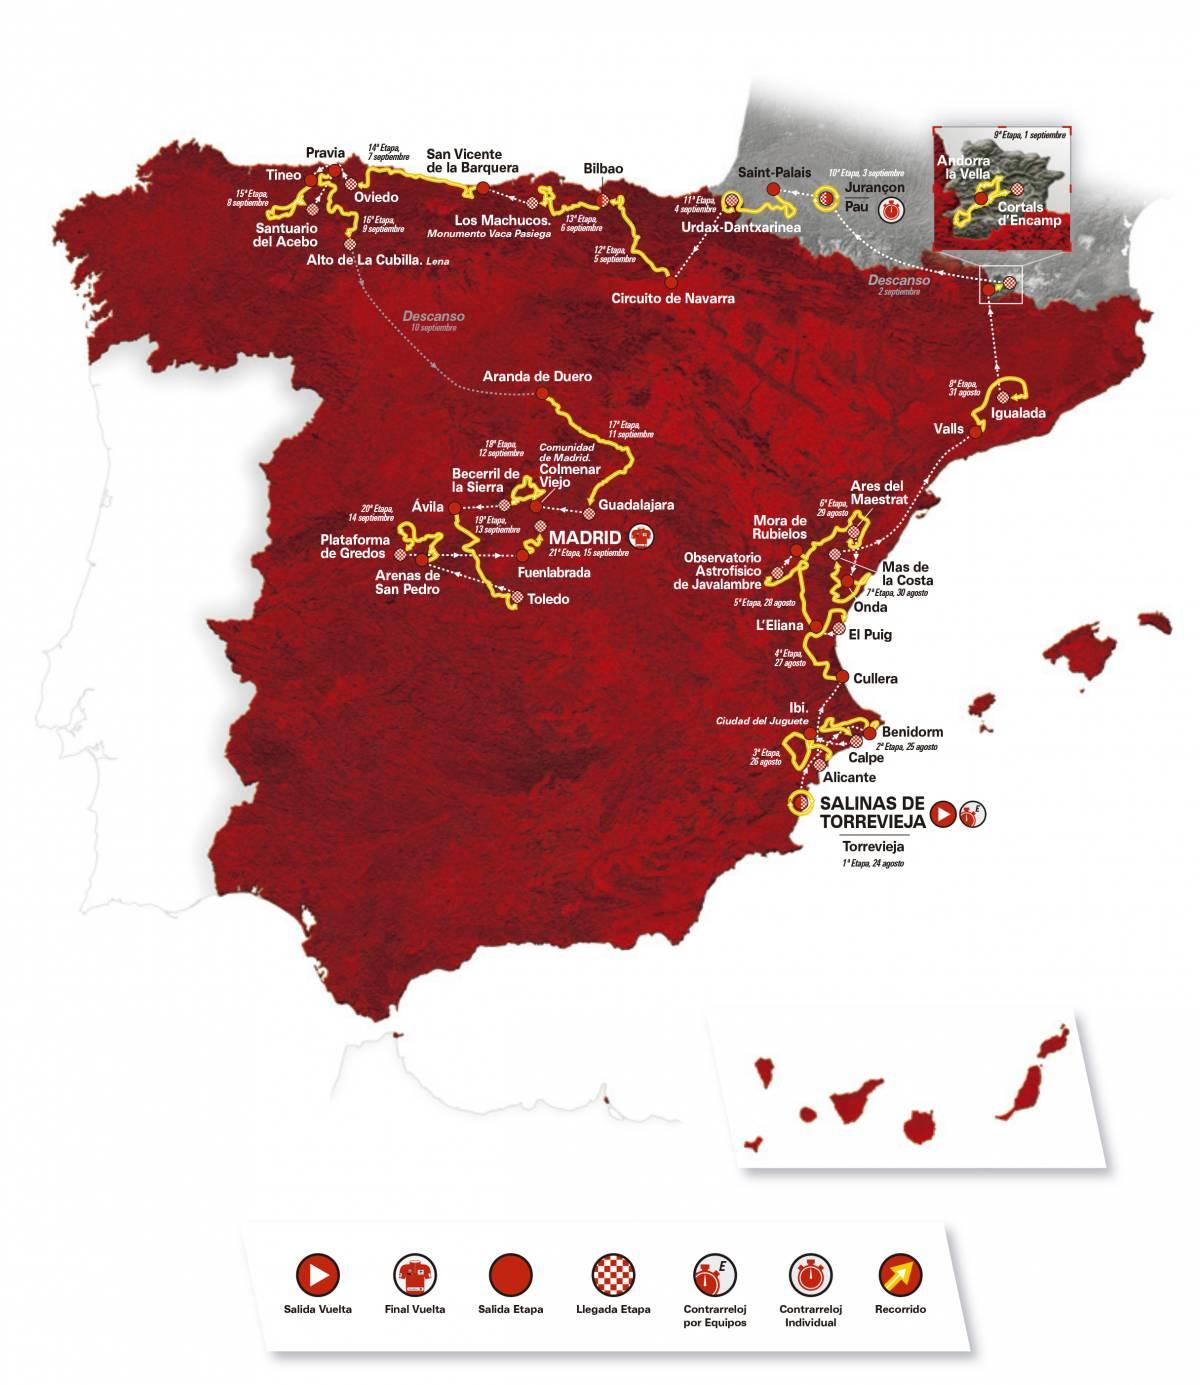 2019 Vuelta a España Route Includes 59 Categorized Climbs 3